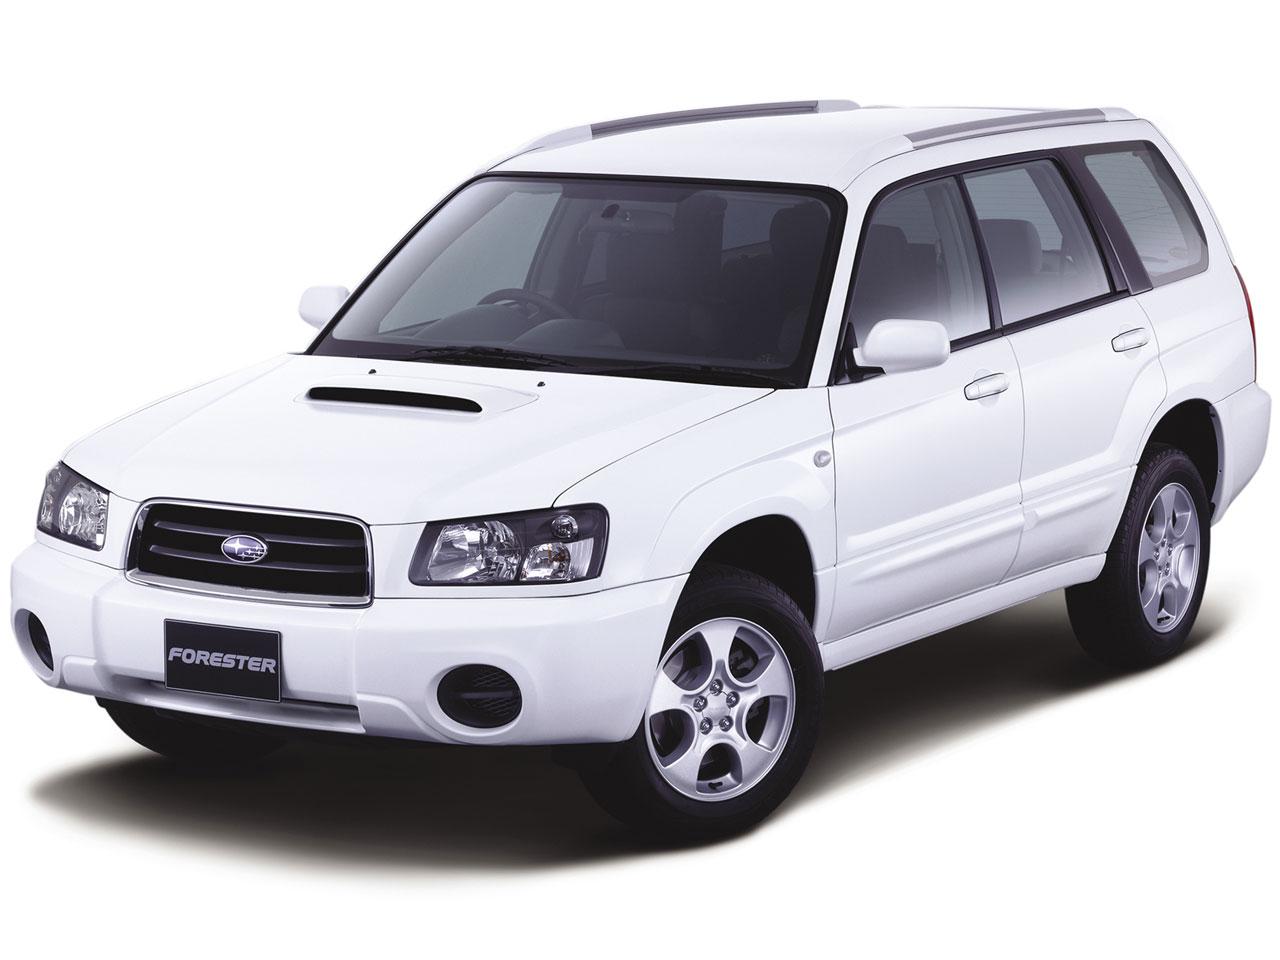 スバル フォレスター 2002年モデル 新車画像